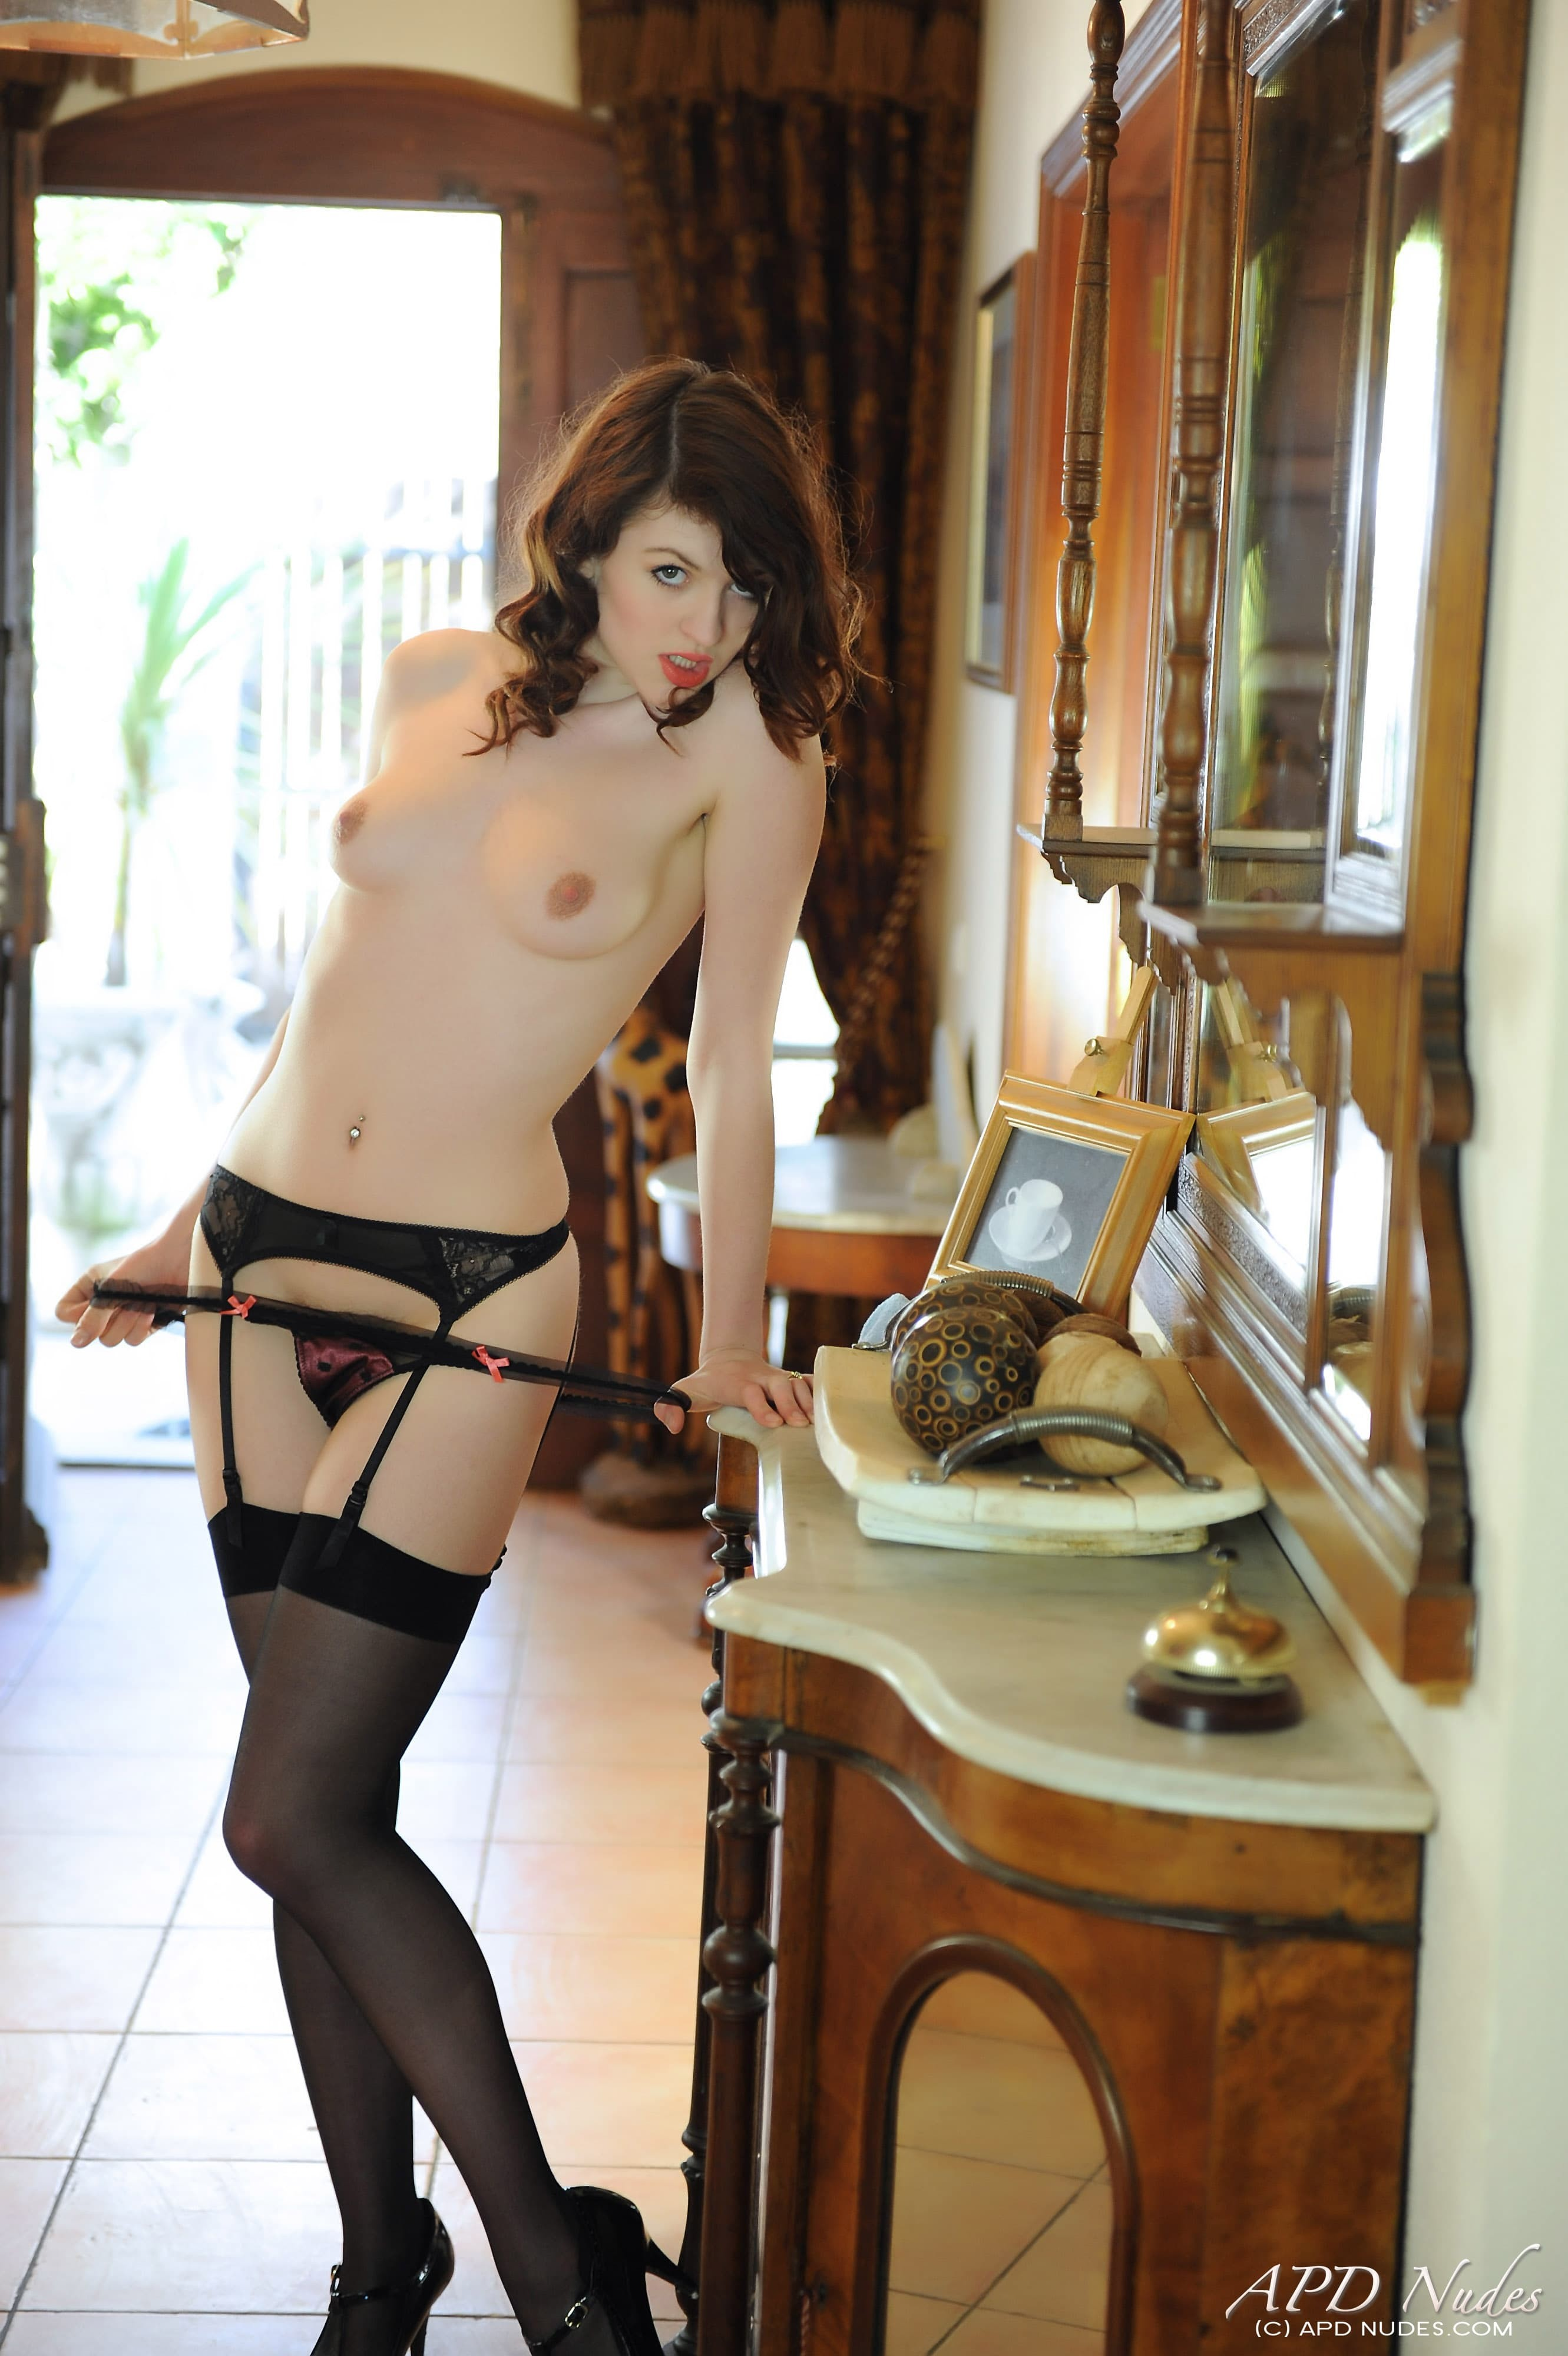 Дамочка с красивой попой в чулках - фото